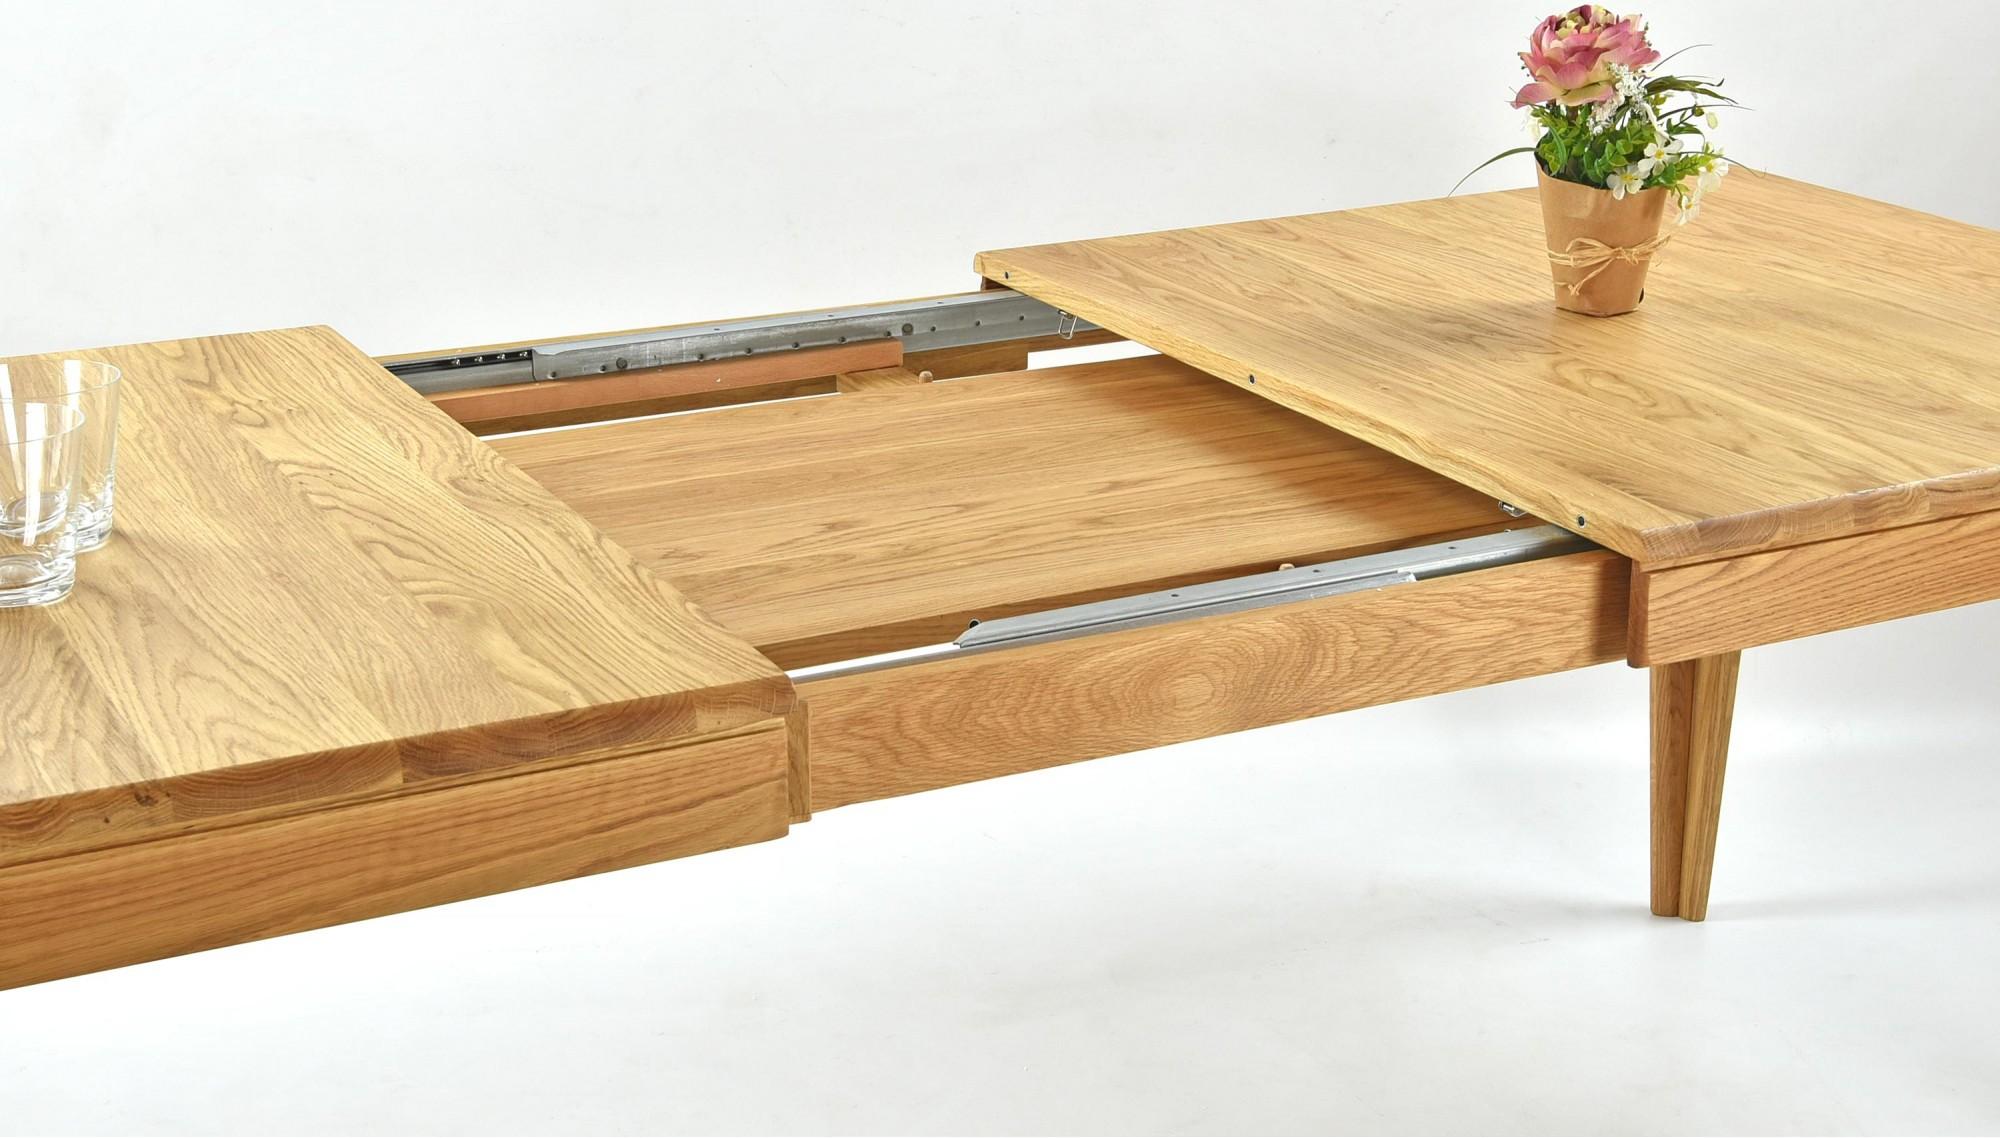 44b5fe7a0349 ... Luxusný dubový jedálenský set AVIGNOX + Stolička Ján (Rozkladací stôl)  ...